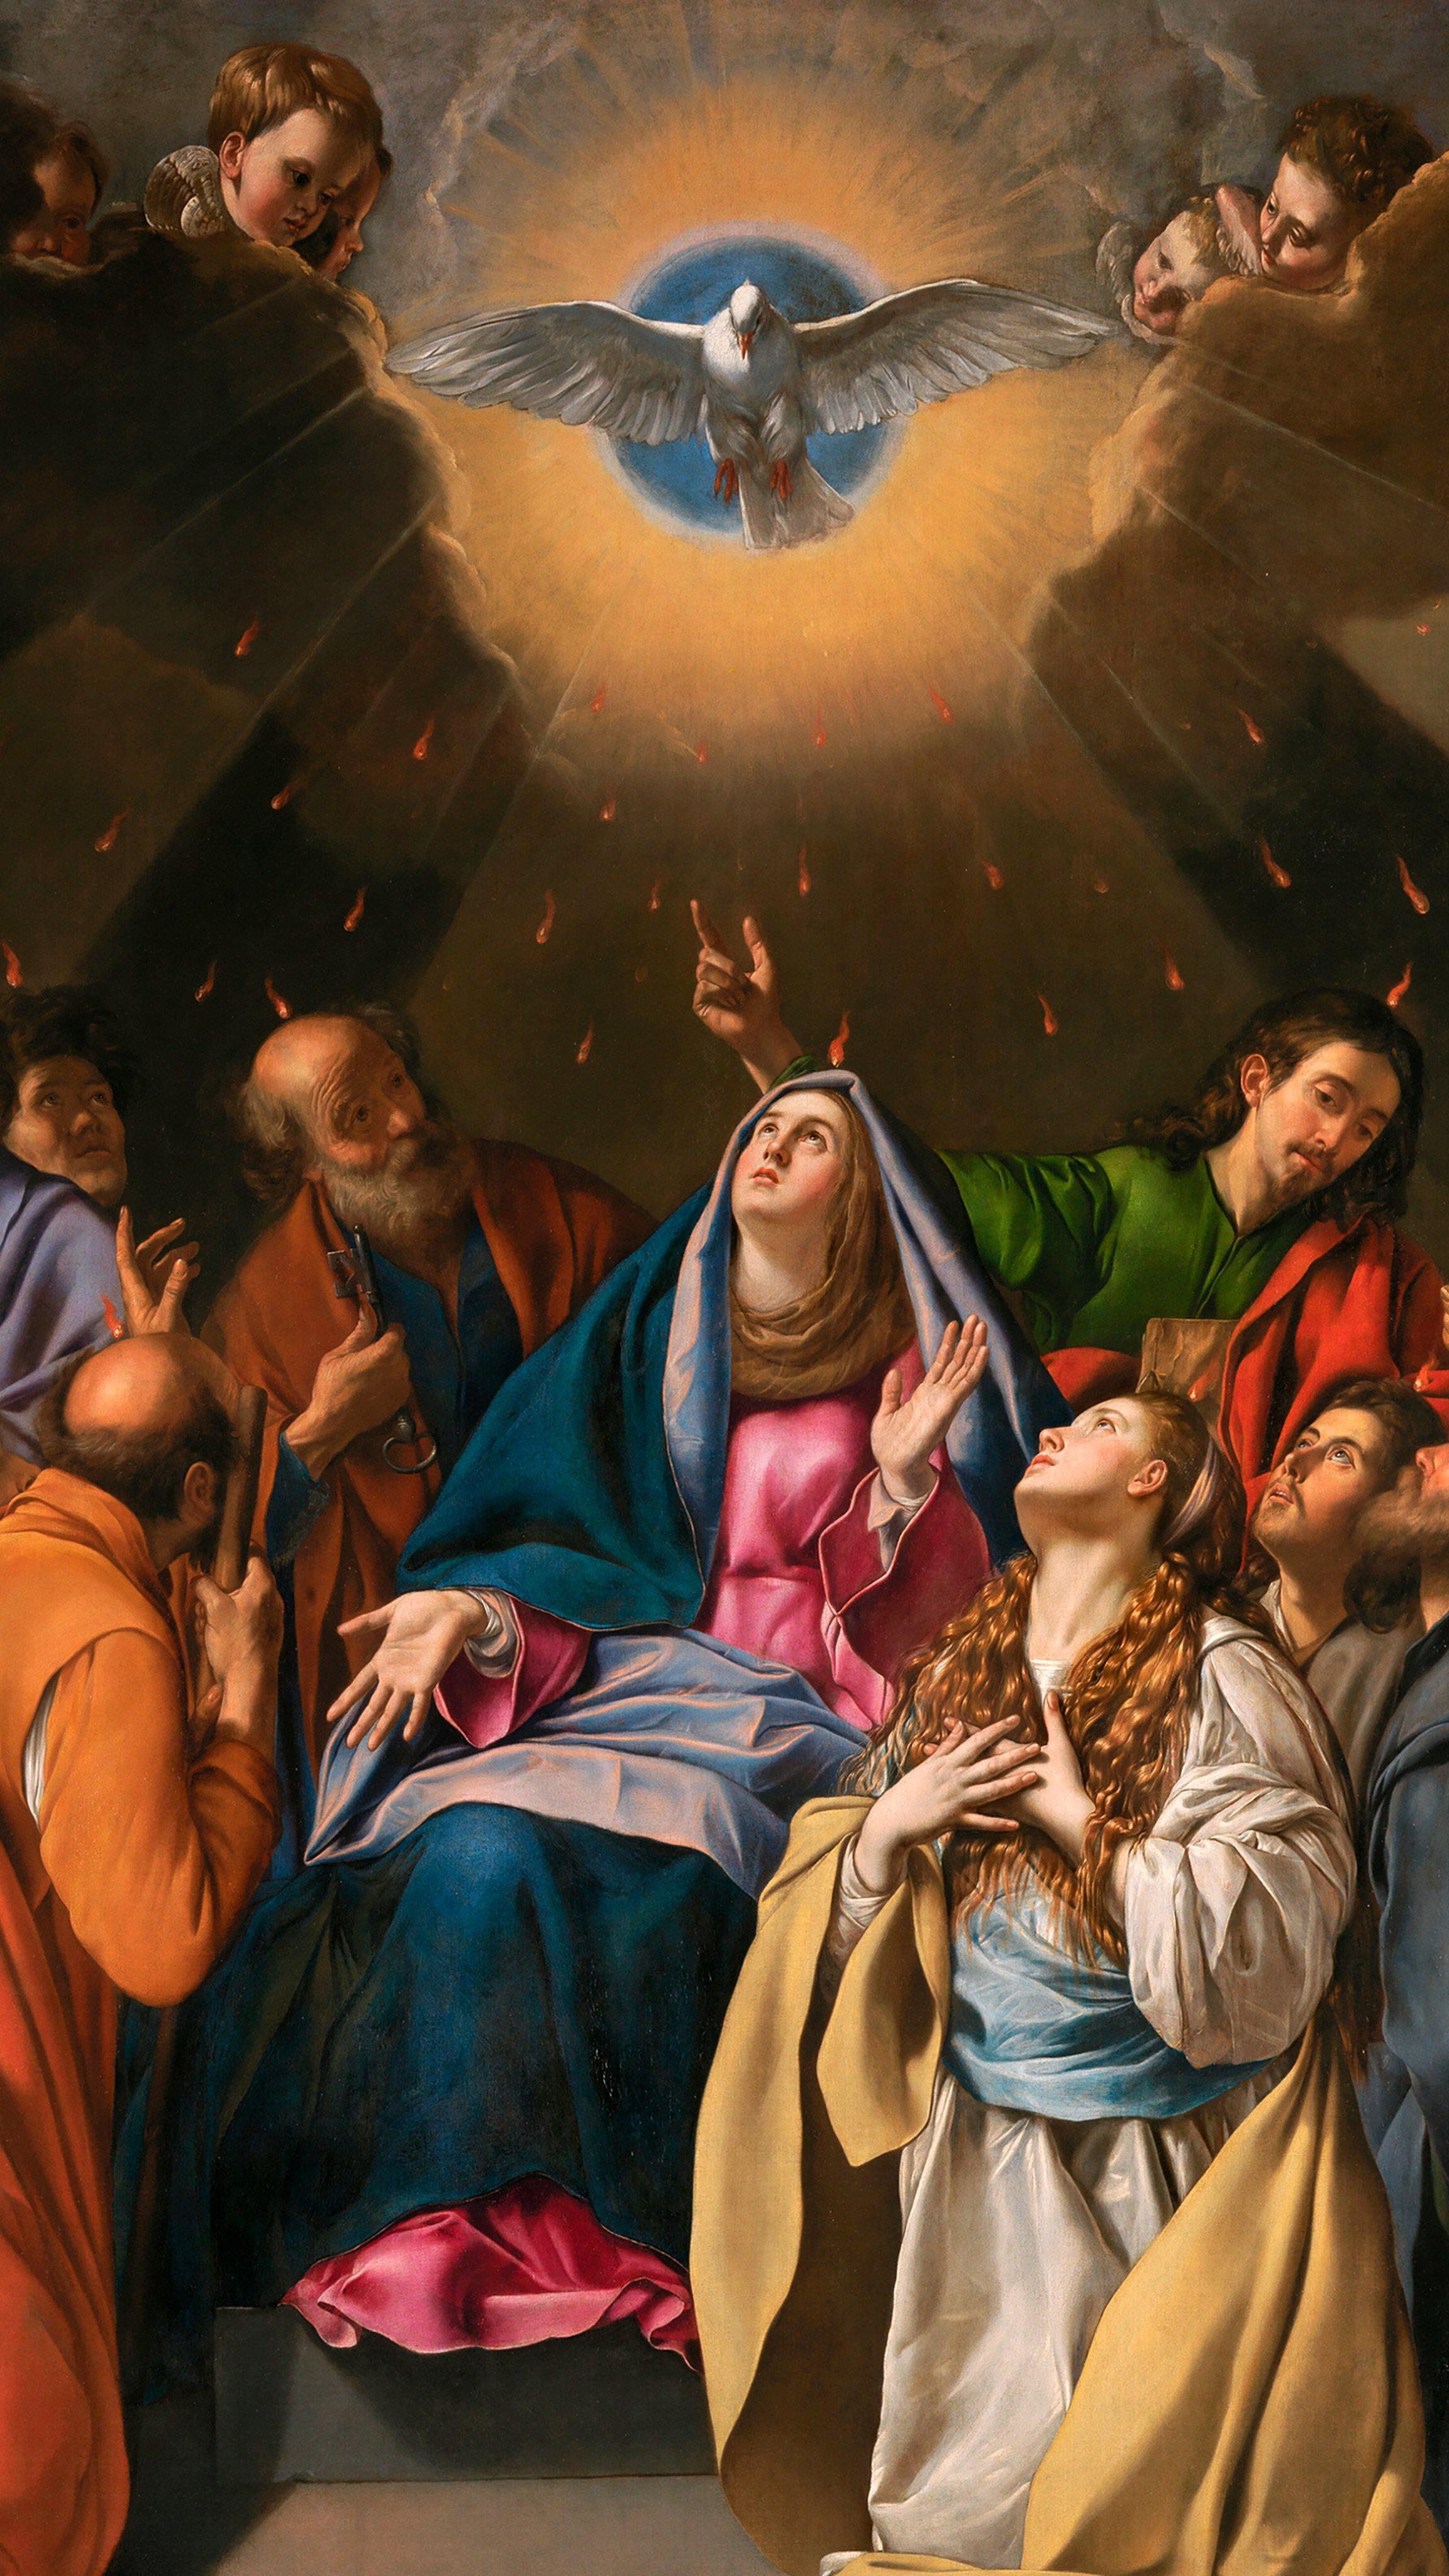 Wallpaper de Pentecostes, Espírito Santo